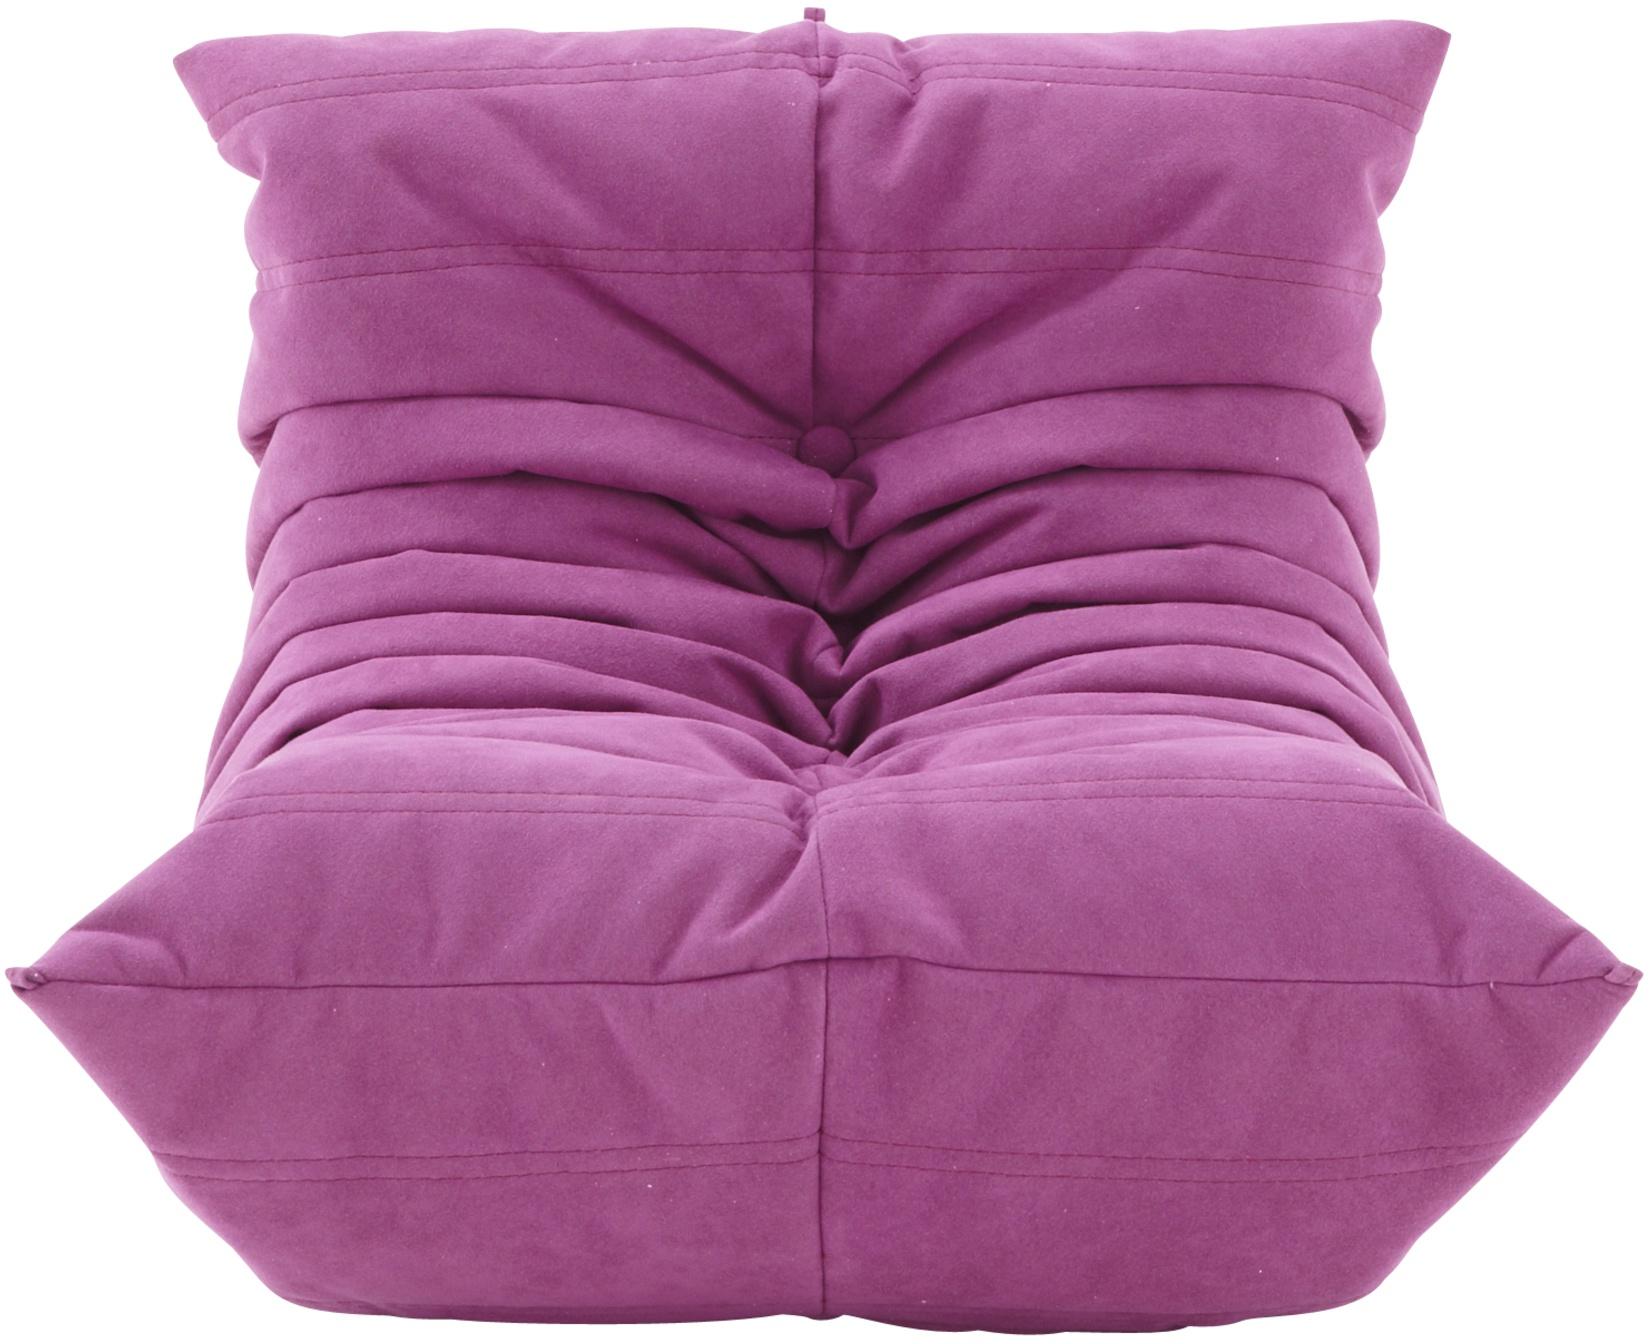 Mini togo fauteuils designer michel ducaroy ligne roset - Housse togo ligne roset ...